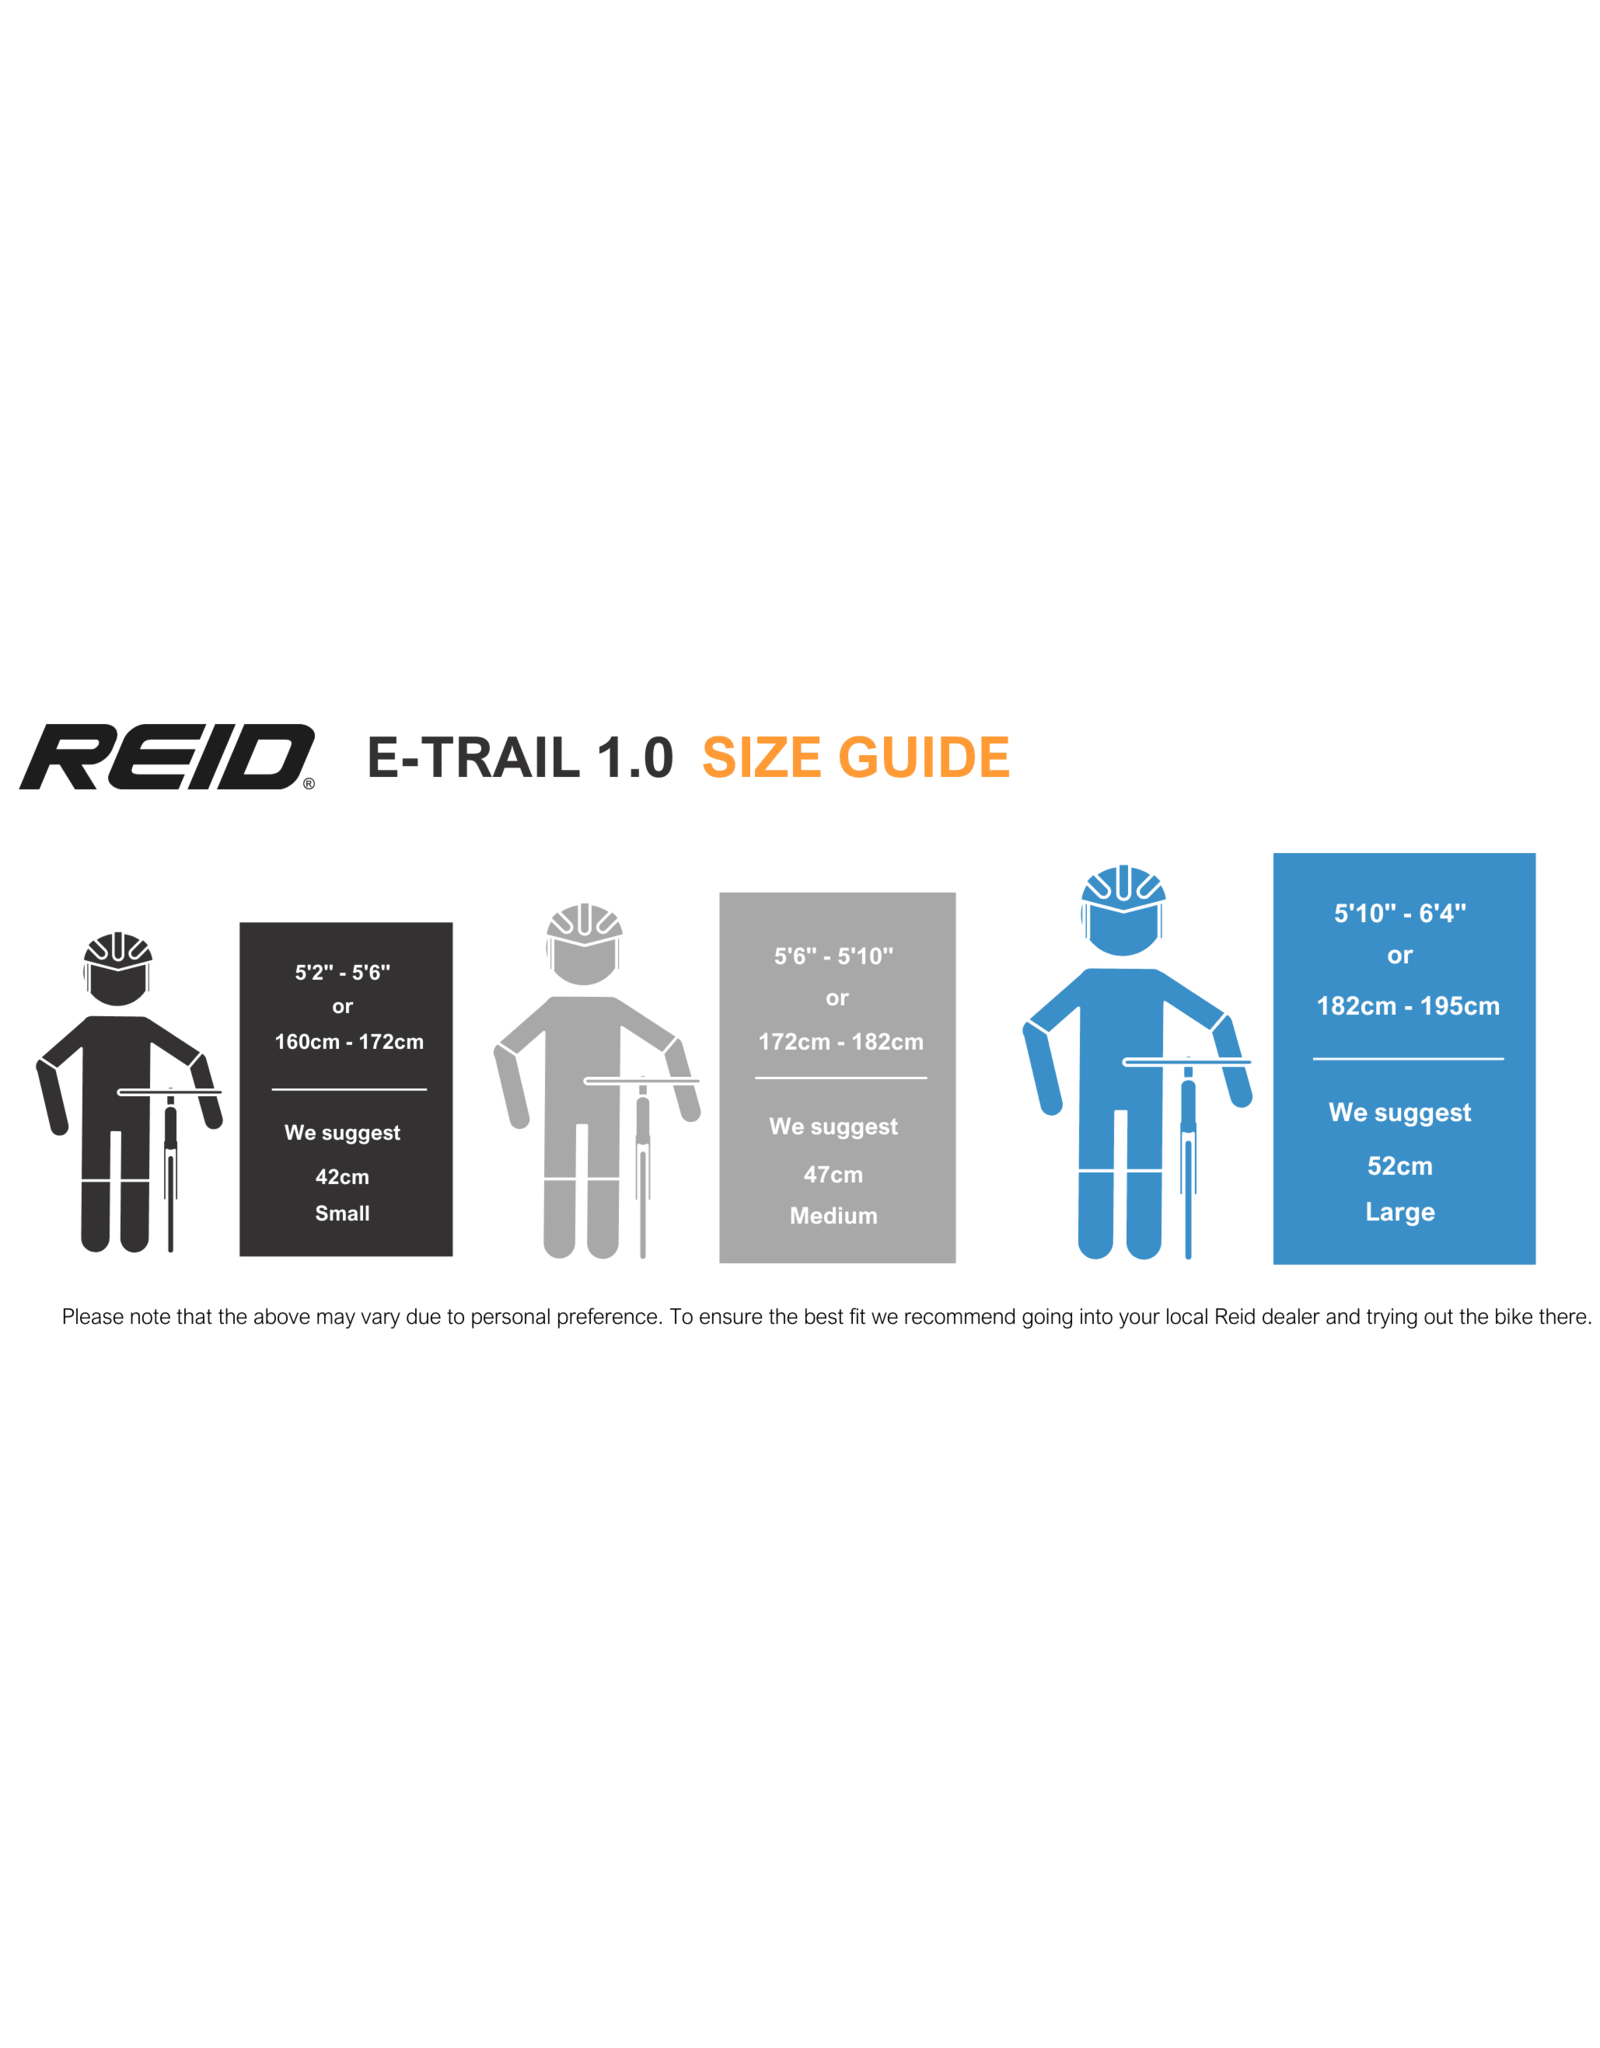 Reid ETrail 1.0